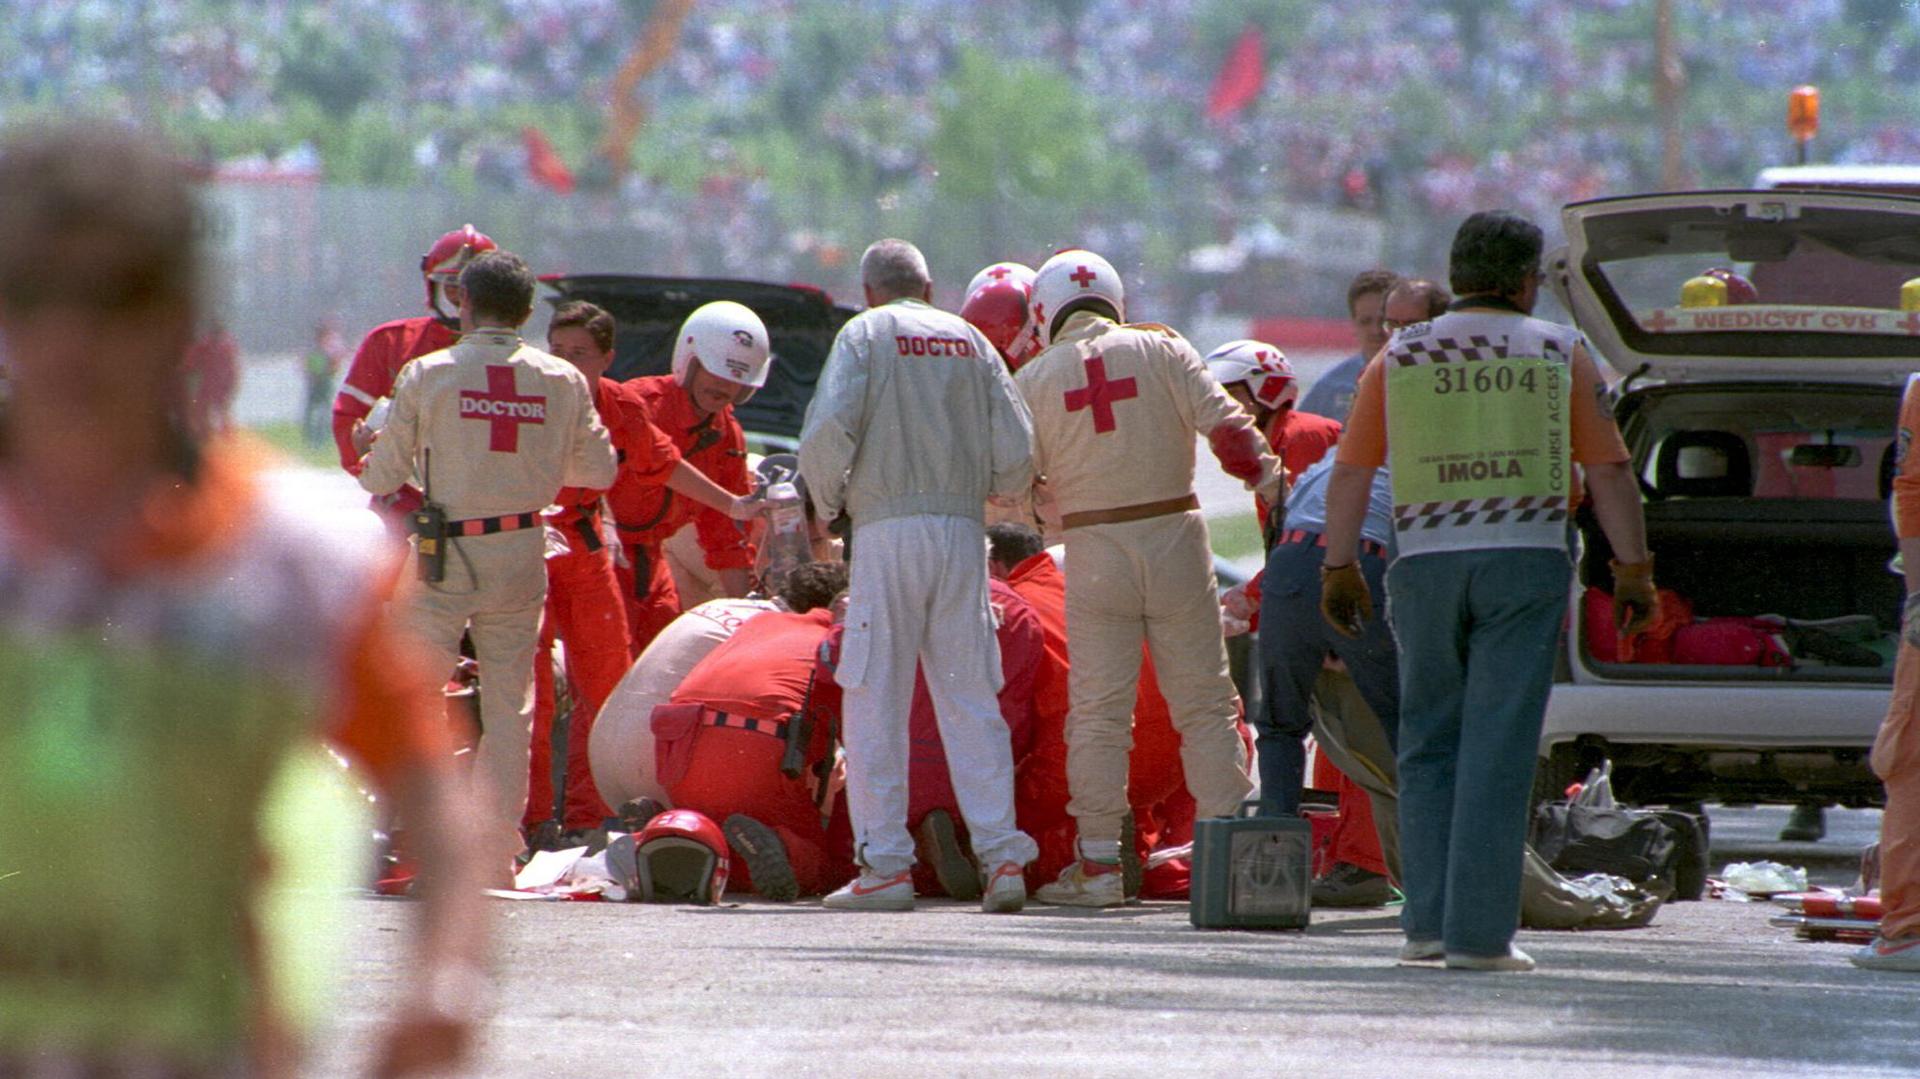 Decenas de médicos lo socorrieron después del accidente. Su muerte se confirmó cuatro horas una vez terminada la carrera que ganó Michael Schumacher